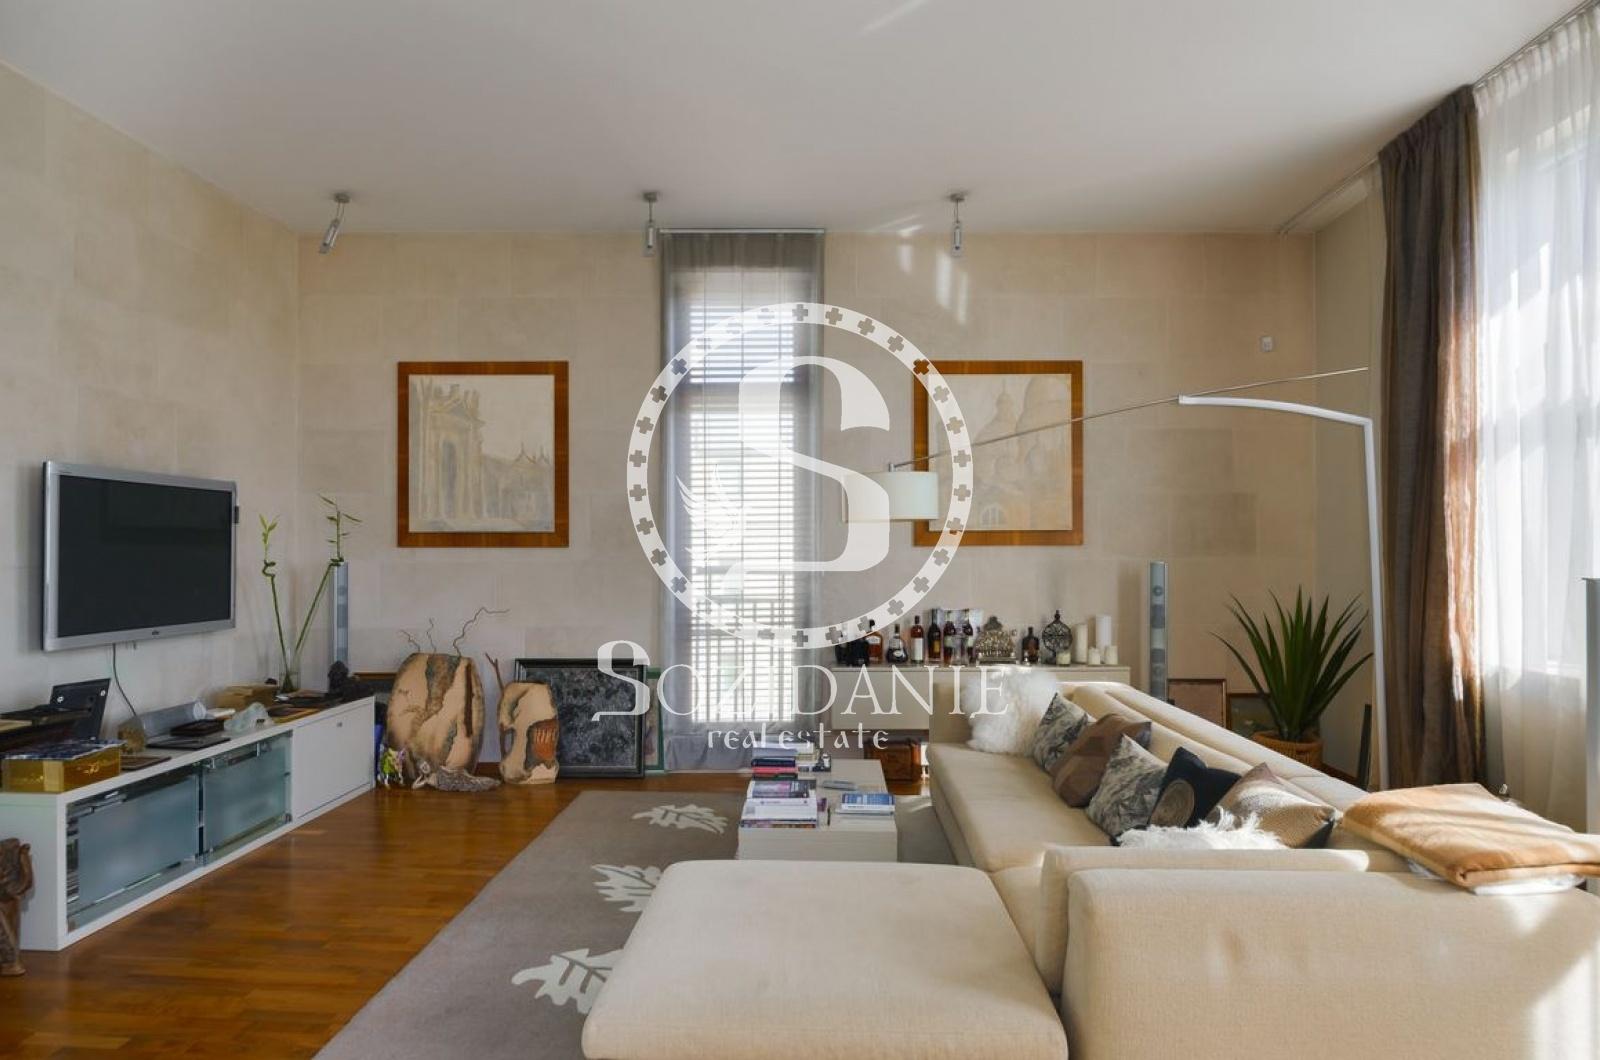 2 Комнаты, Городская, Аренда, 3-й Обыденский переулок, Listing ID 3314, Москва, Россия,